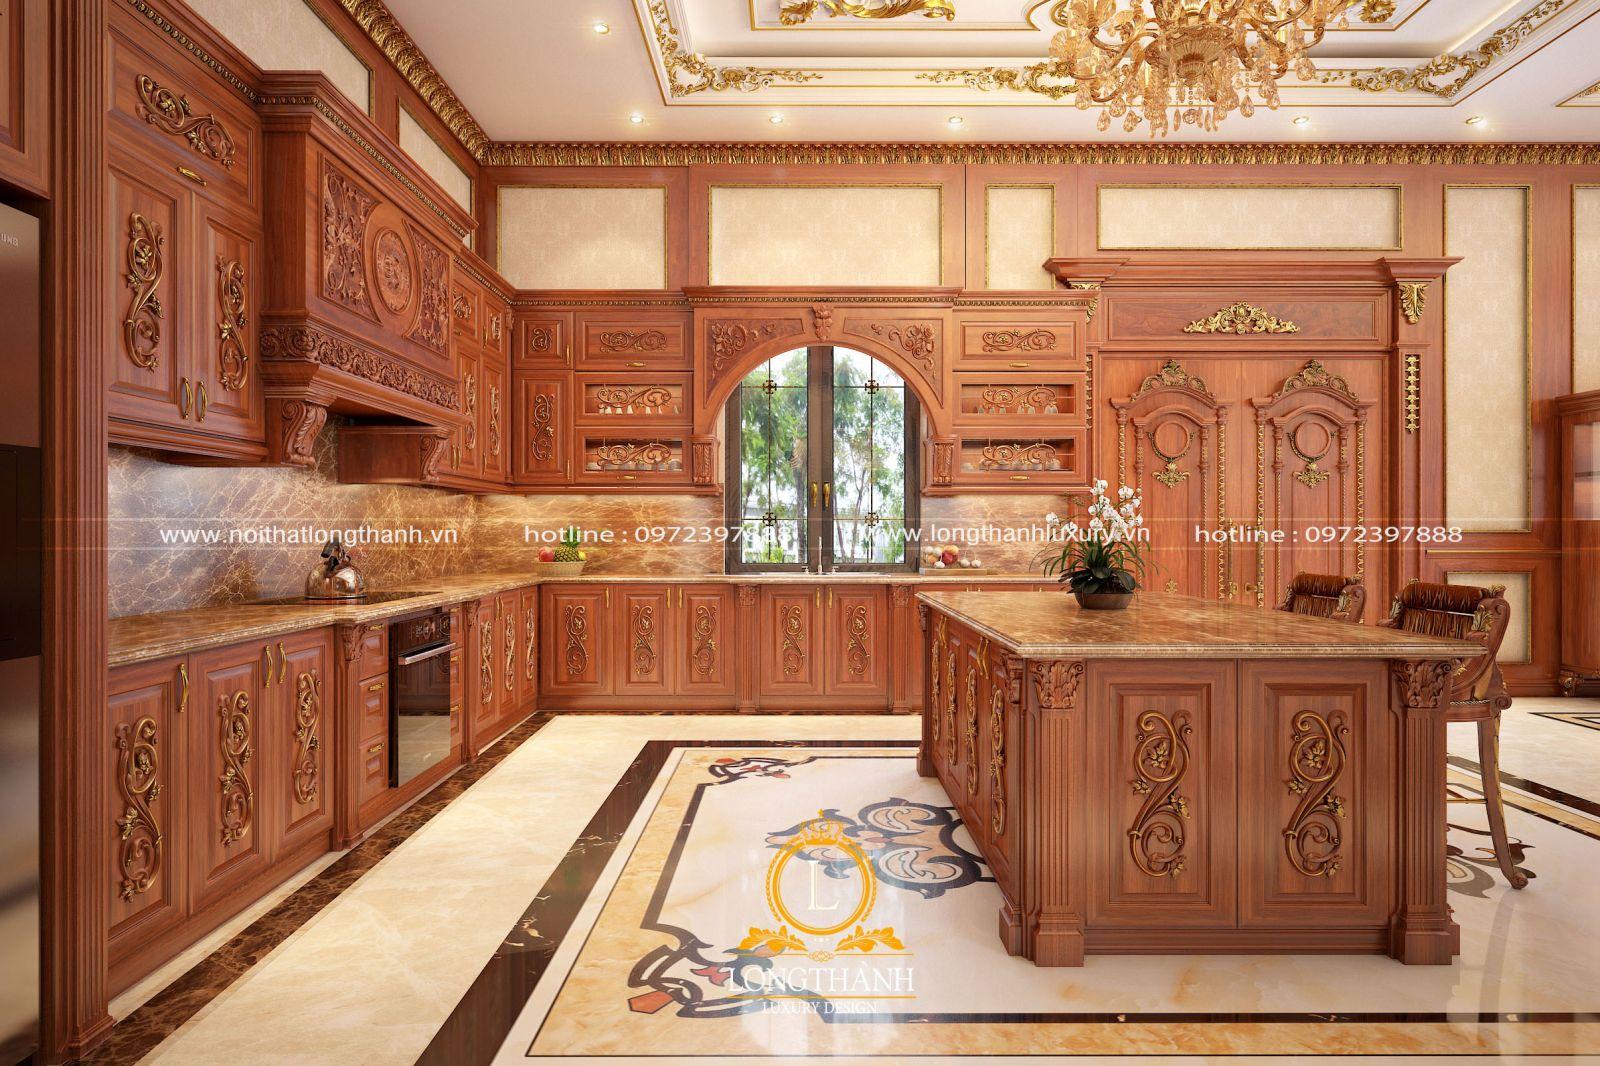 Mẫu thiết kế tủ bếp gỗ Gõ đỏ mạ vàng cho nhà biệt thự rộng